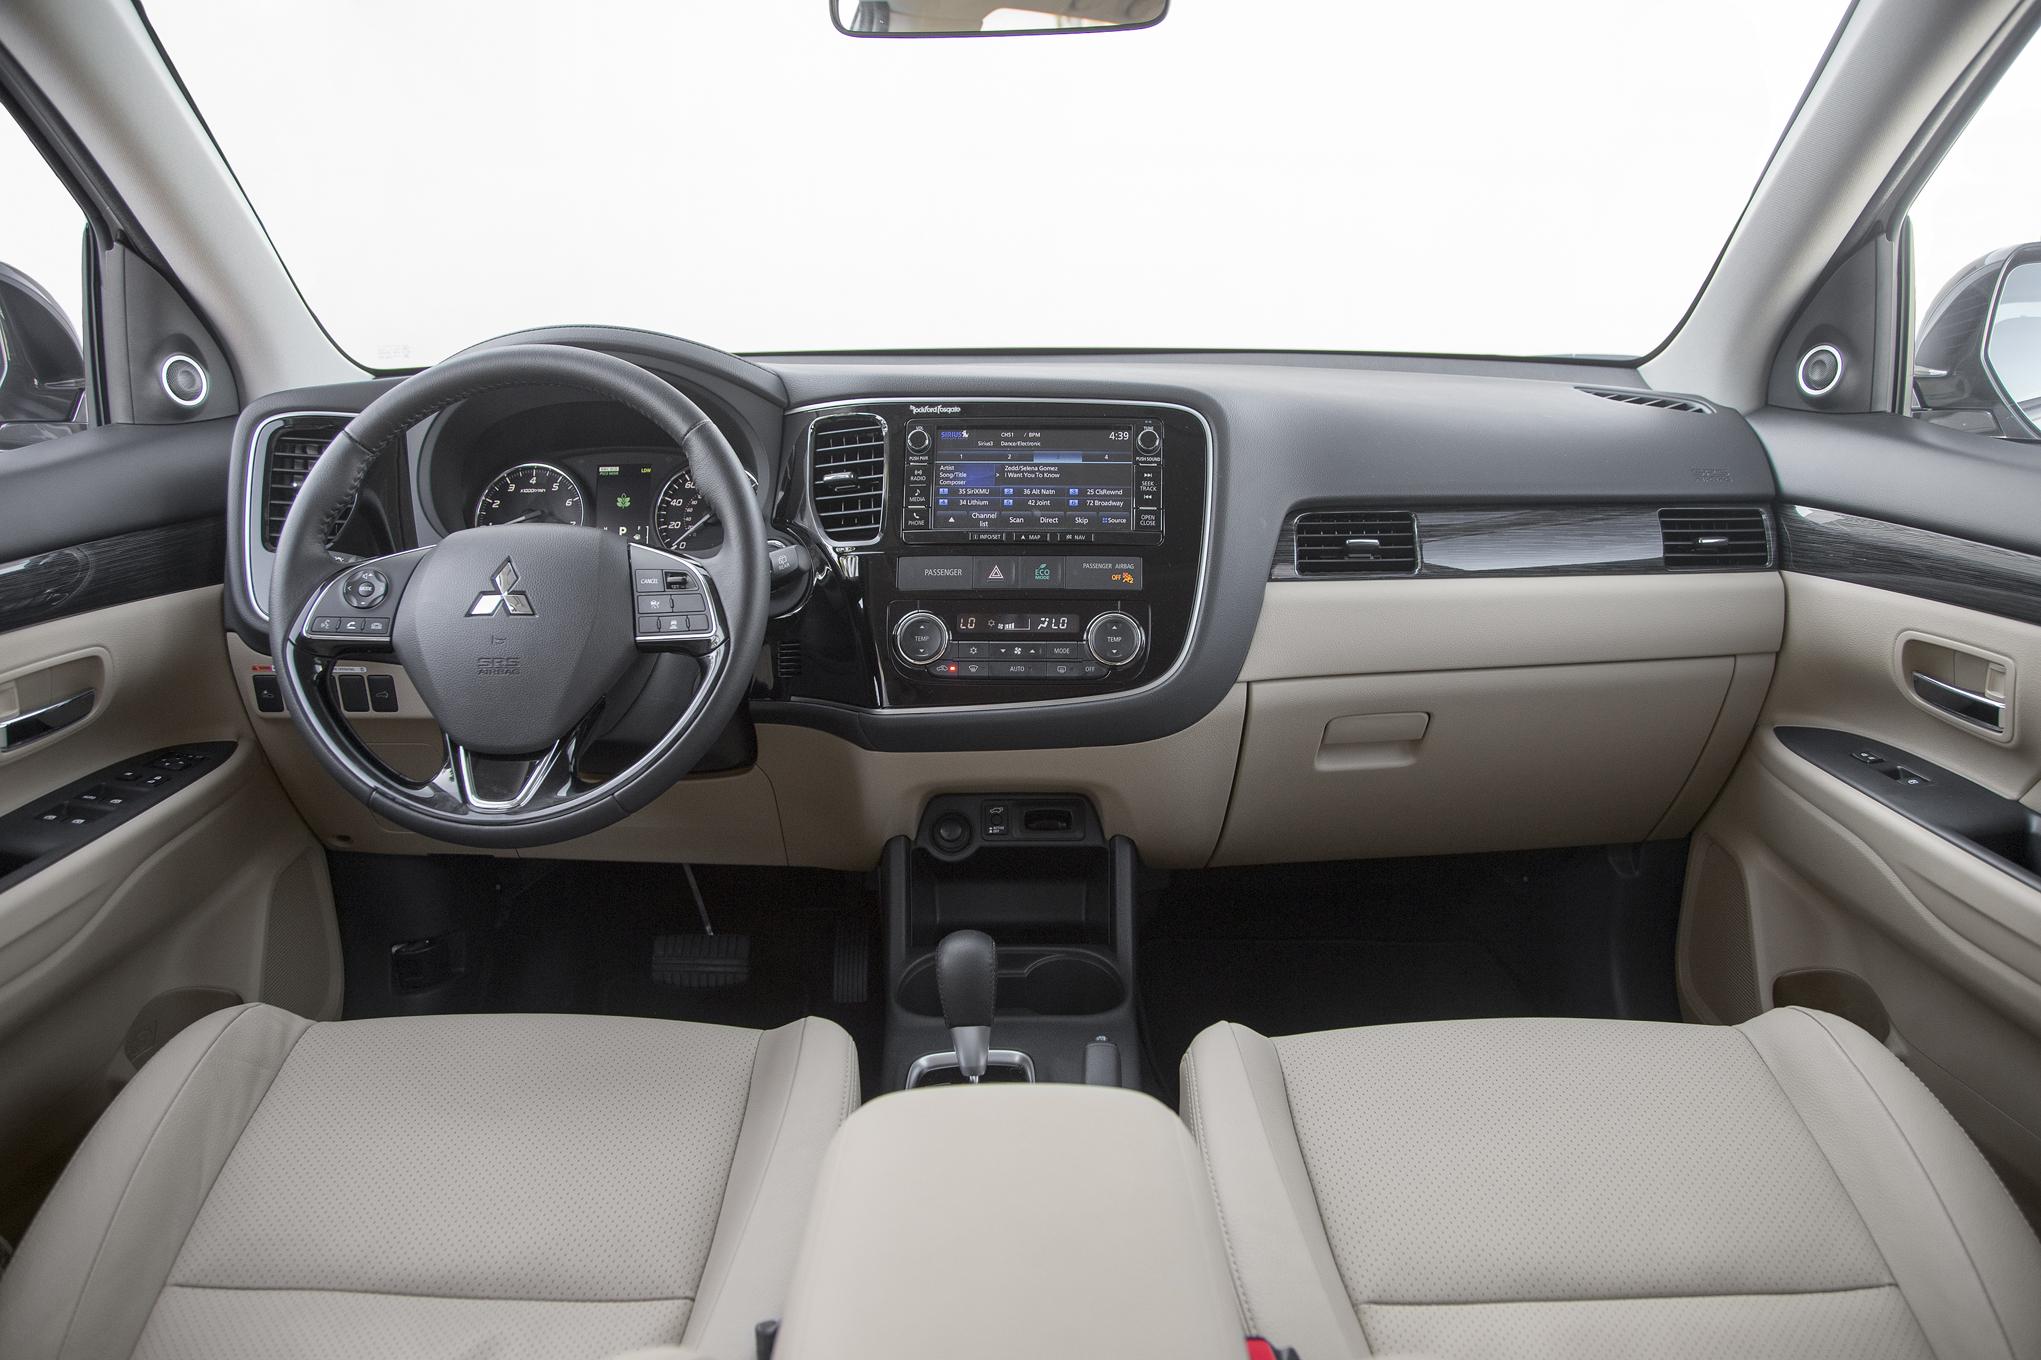 Xe Mitsubishi OutLander 2017 nội thất rộng rãi